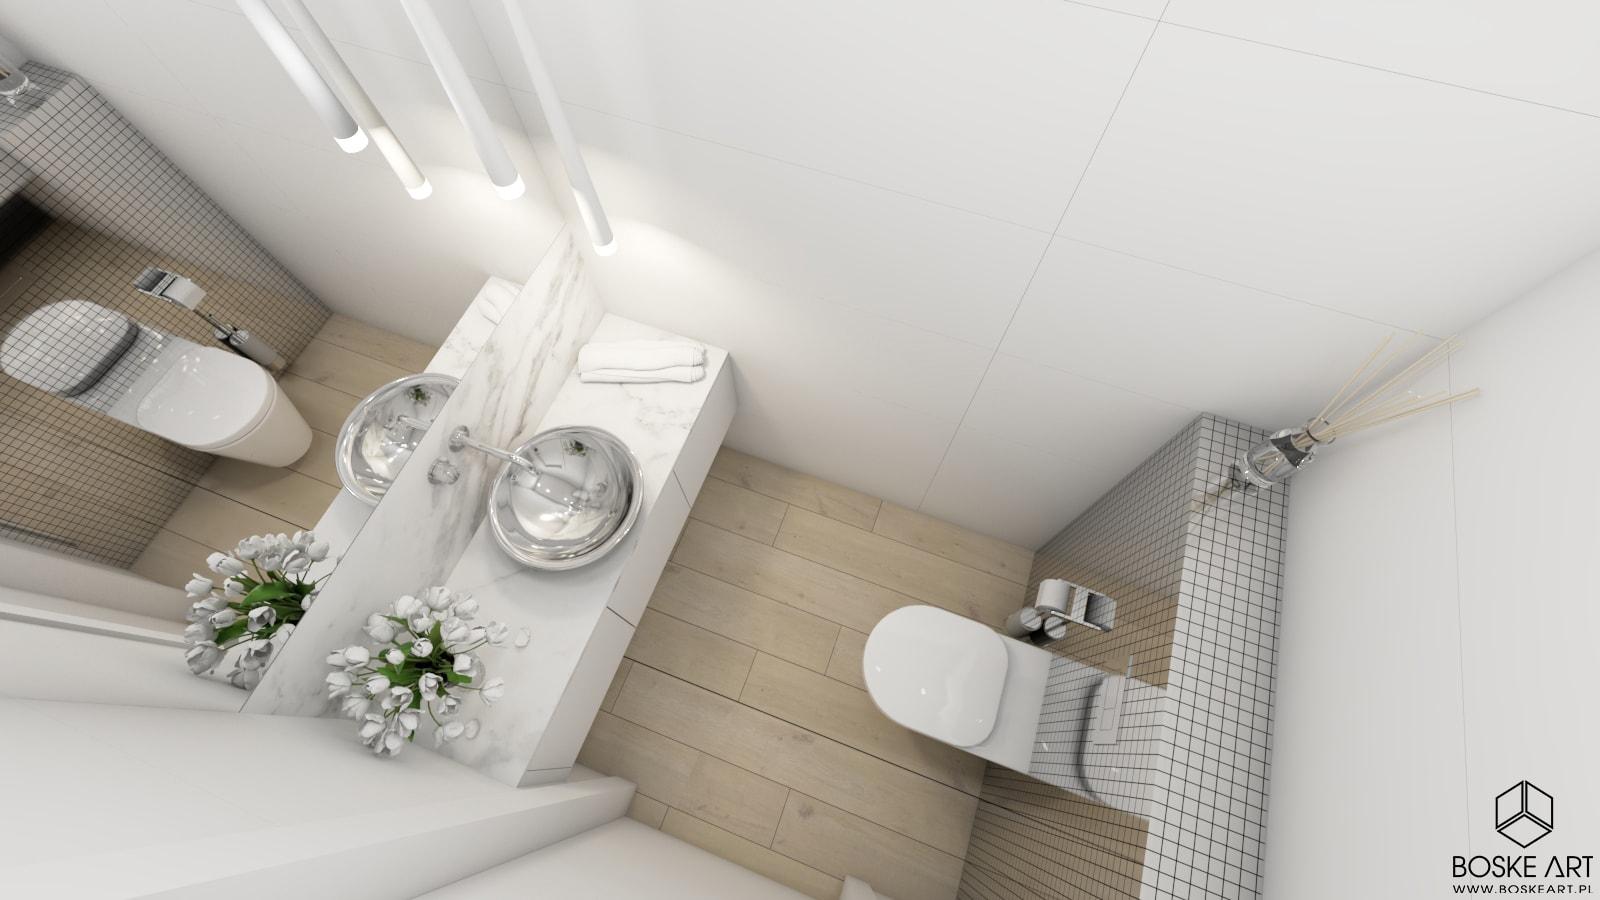 18_projekt_mieszkania_poznan_aranzacja_projektowanie_architektura_wnetrz_boske_art_projektant_wnetrz_poznan_natalia_robaszkiewicz-min